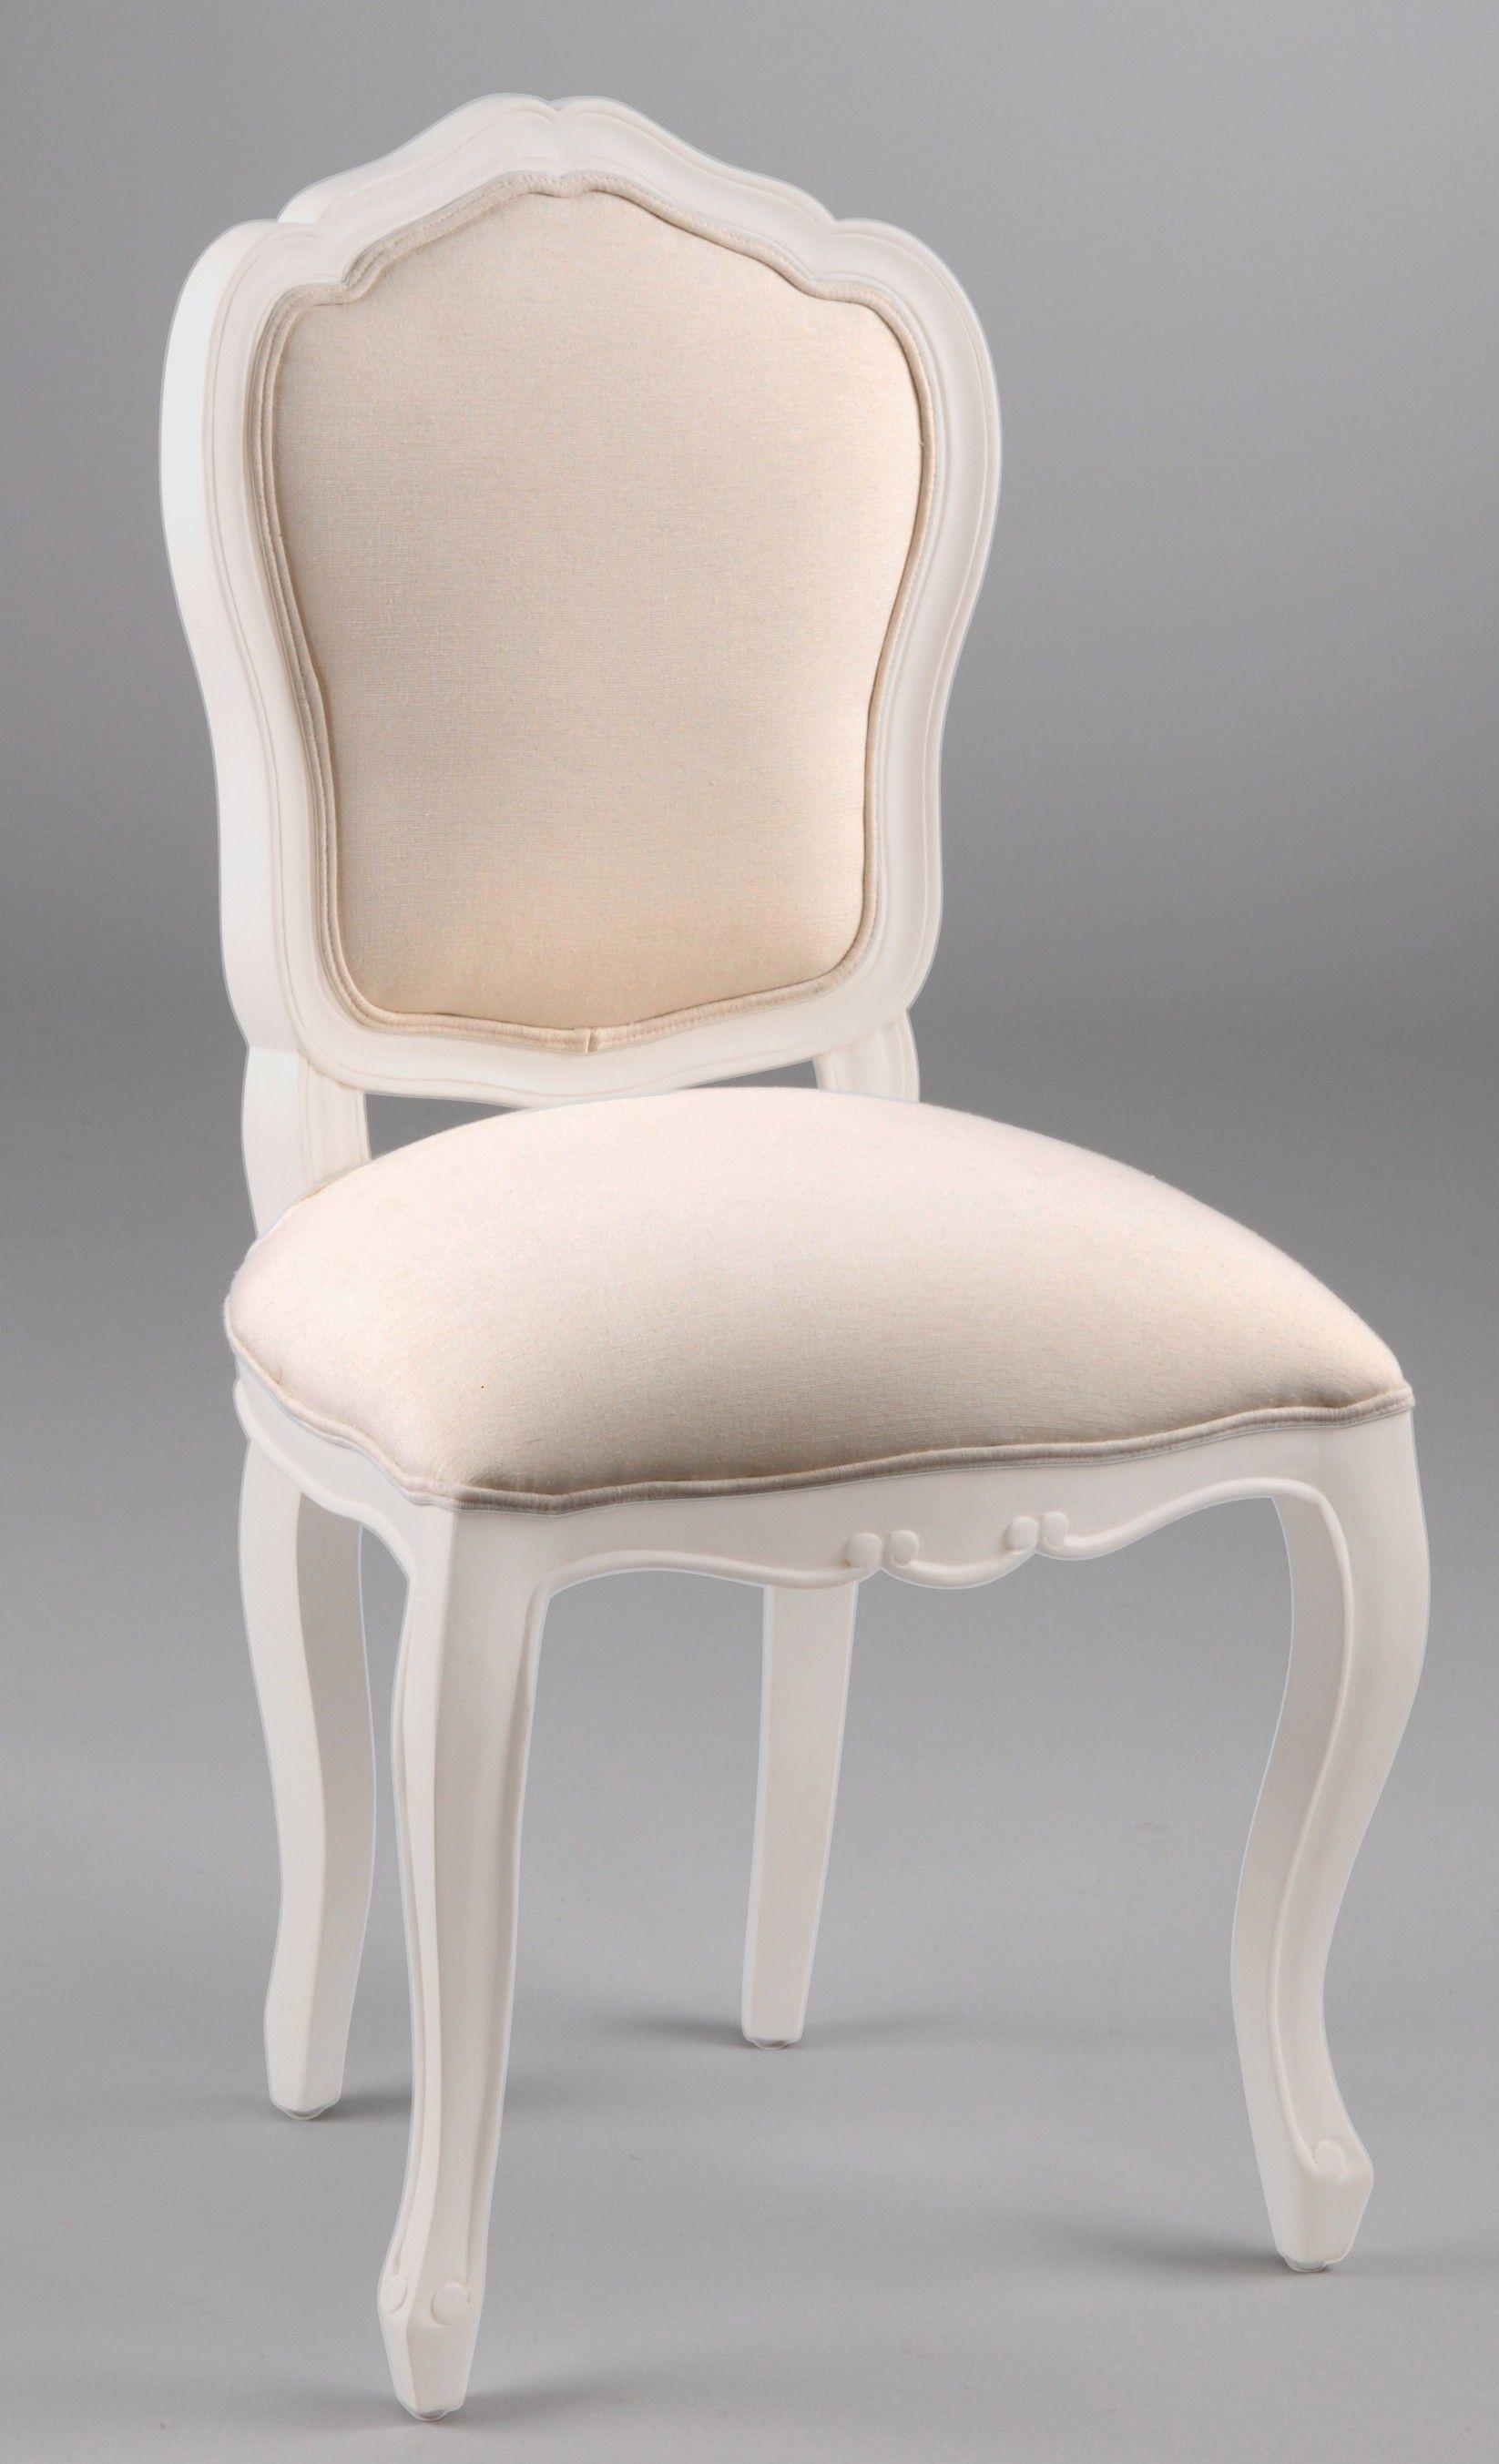 chaise louis xv baroque romantique bois